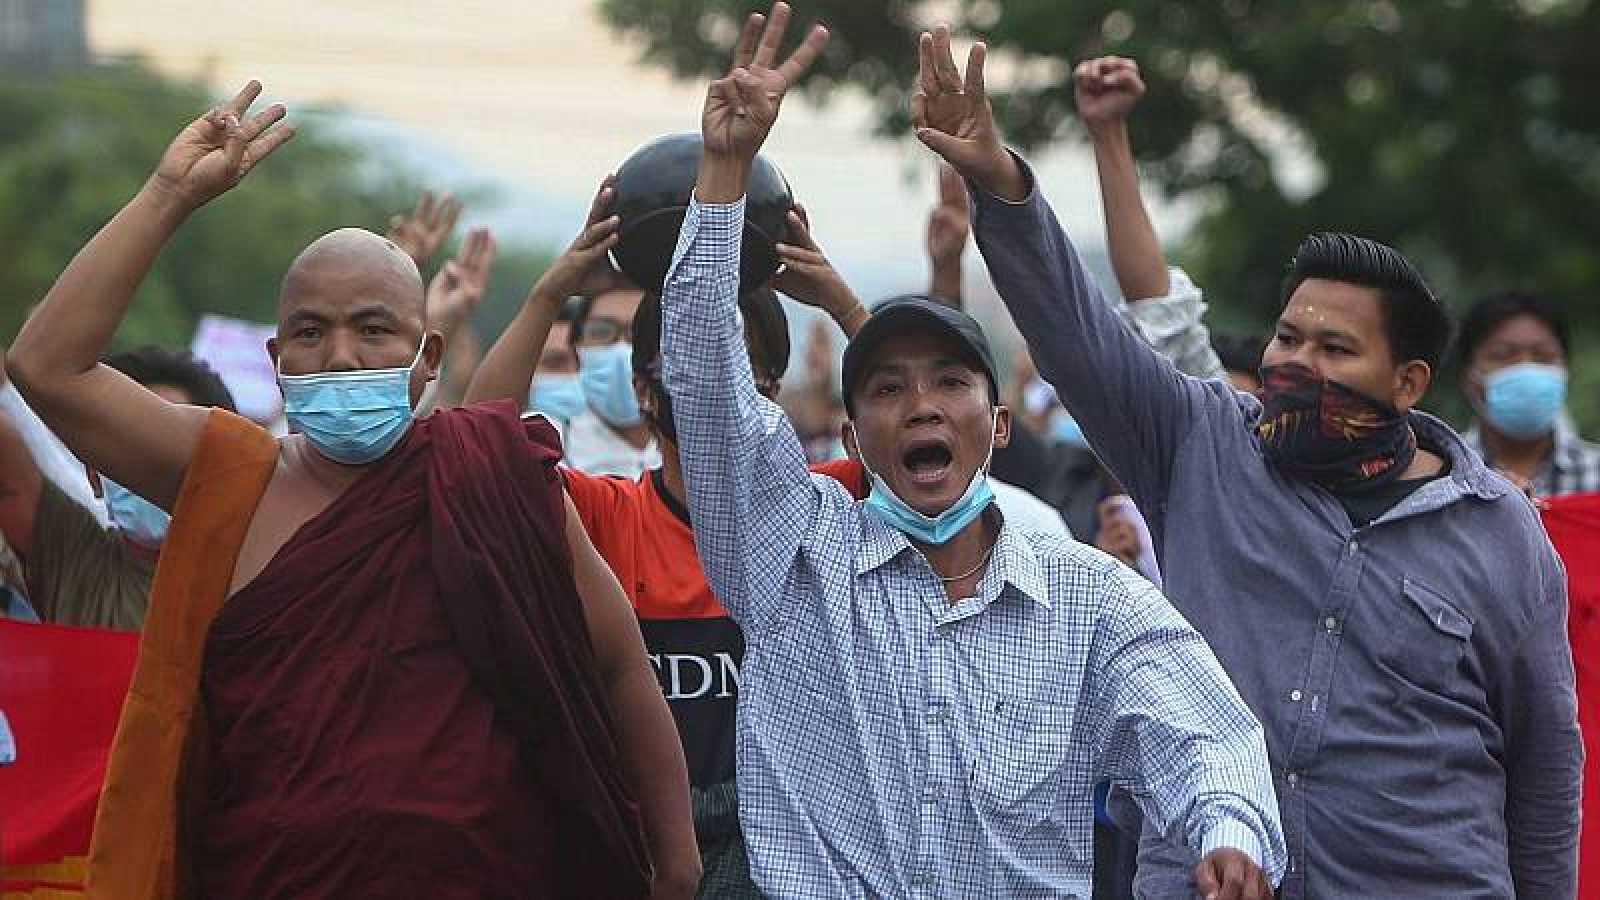 En Directe a Ràdio 4 - Al teu costat: Birmània: de democràcia a dictadura